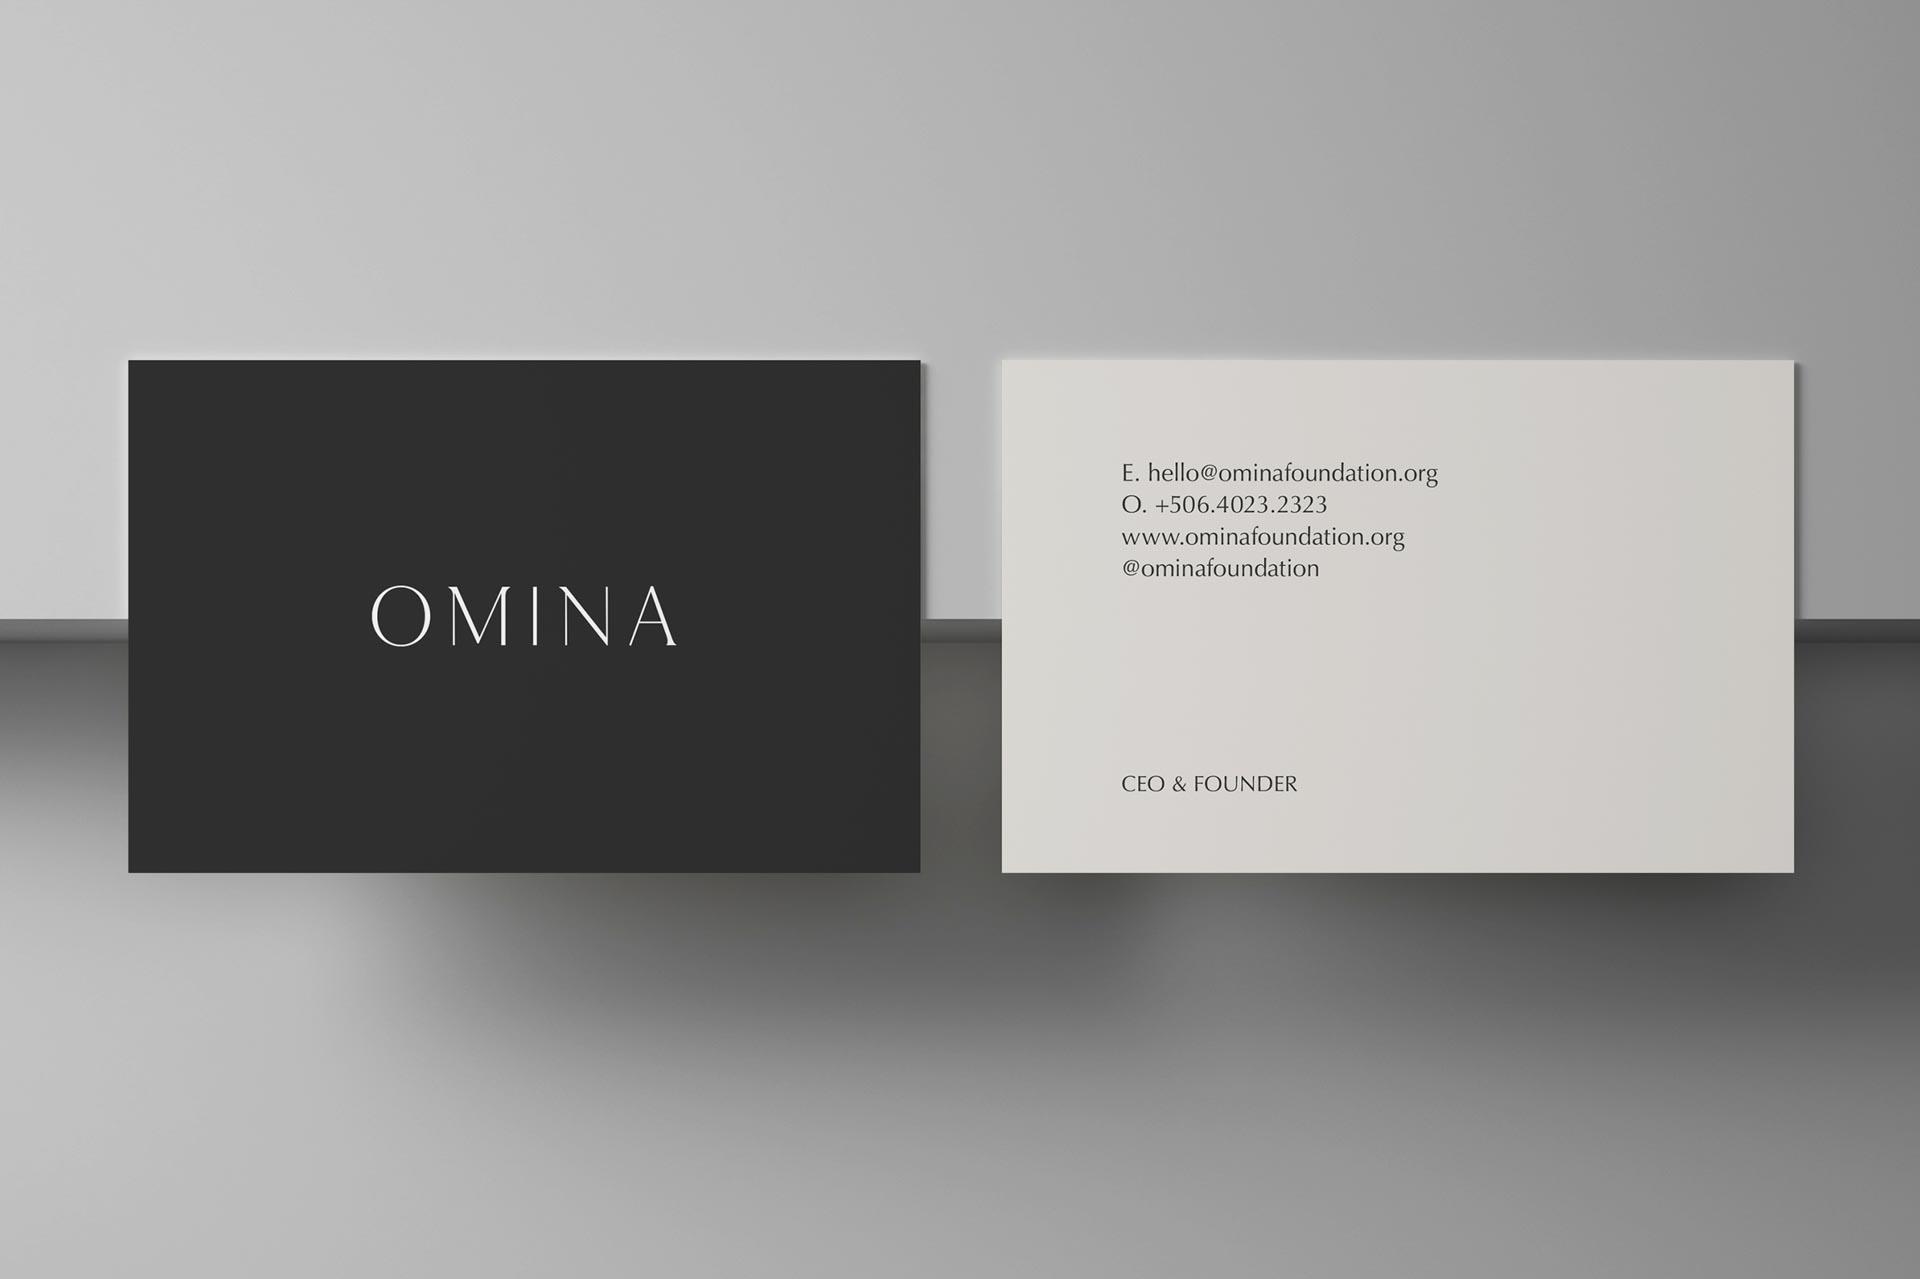 omina_cardinal_bid-15